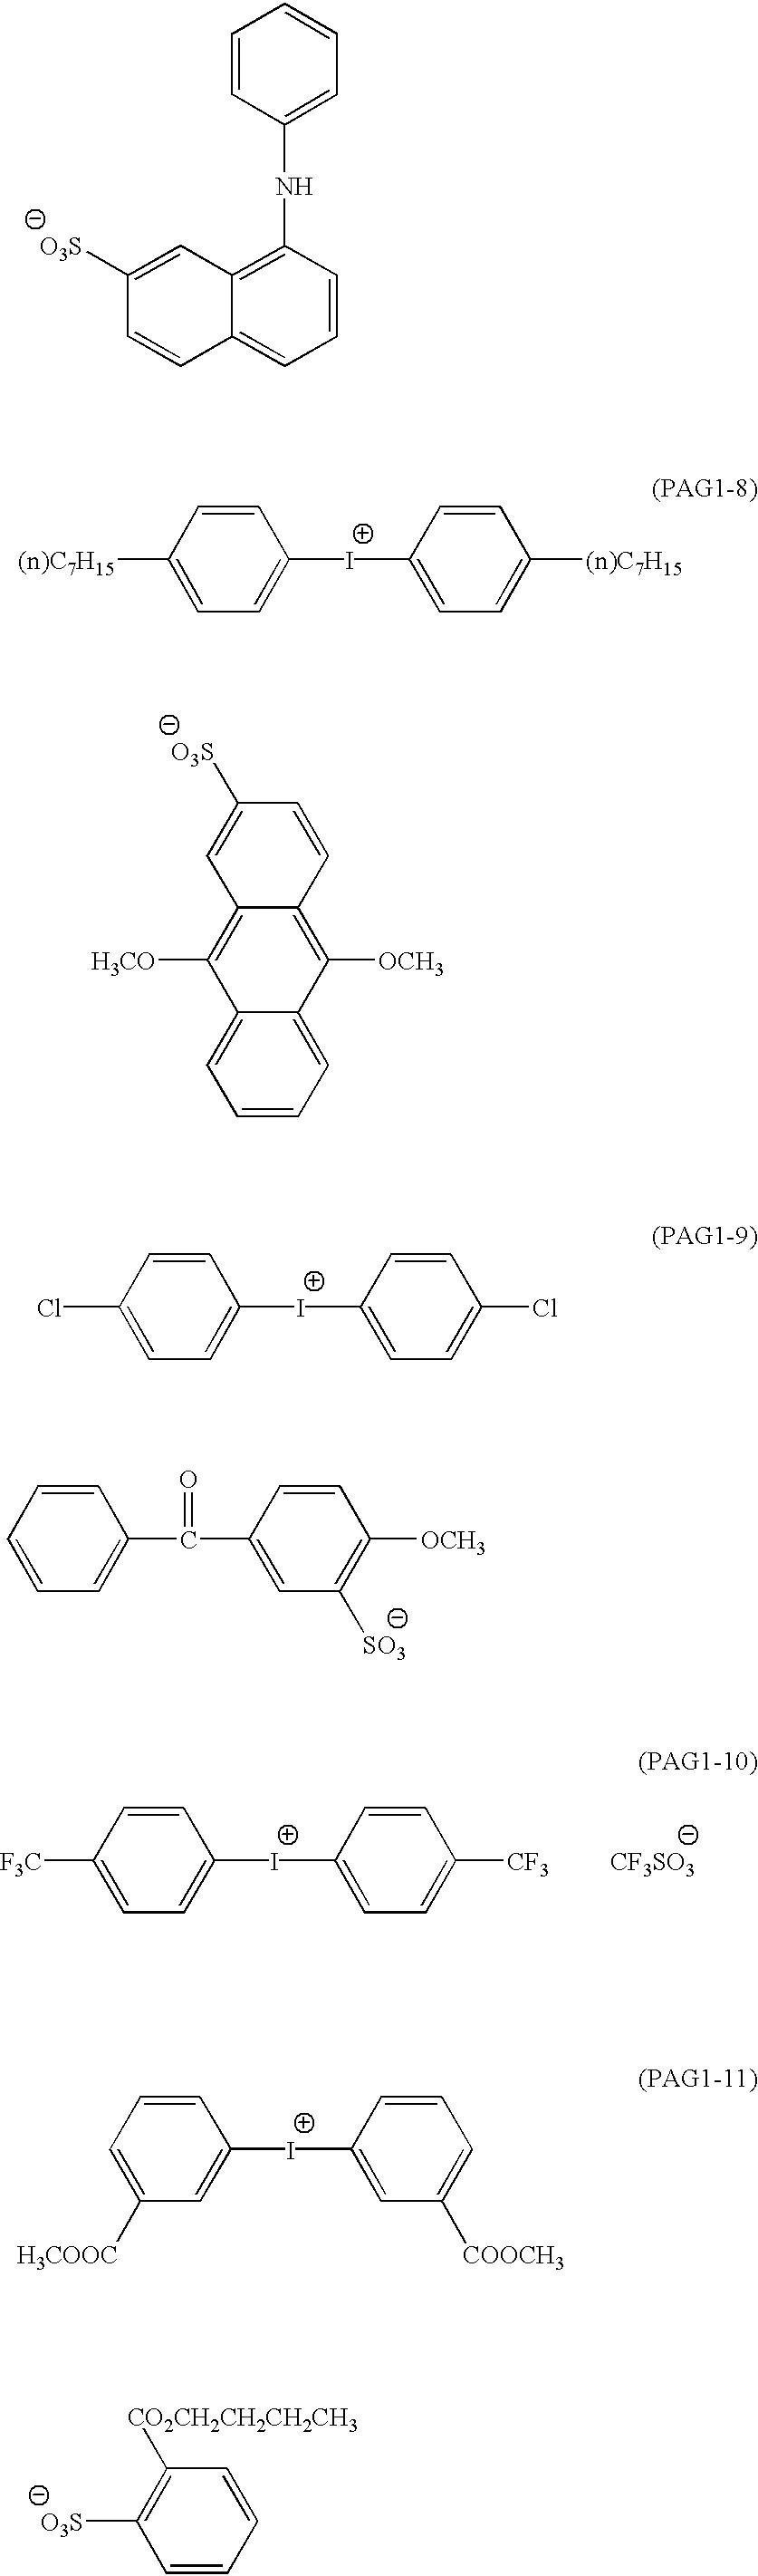 Figure US20030186161A1-20031002-C00003